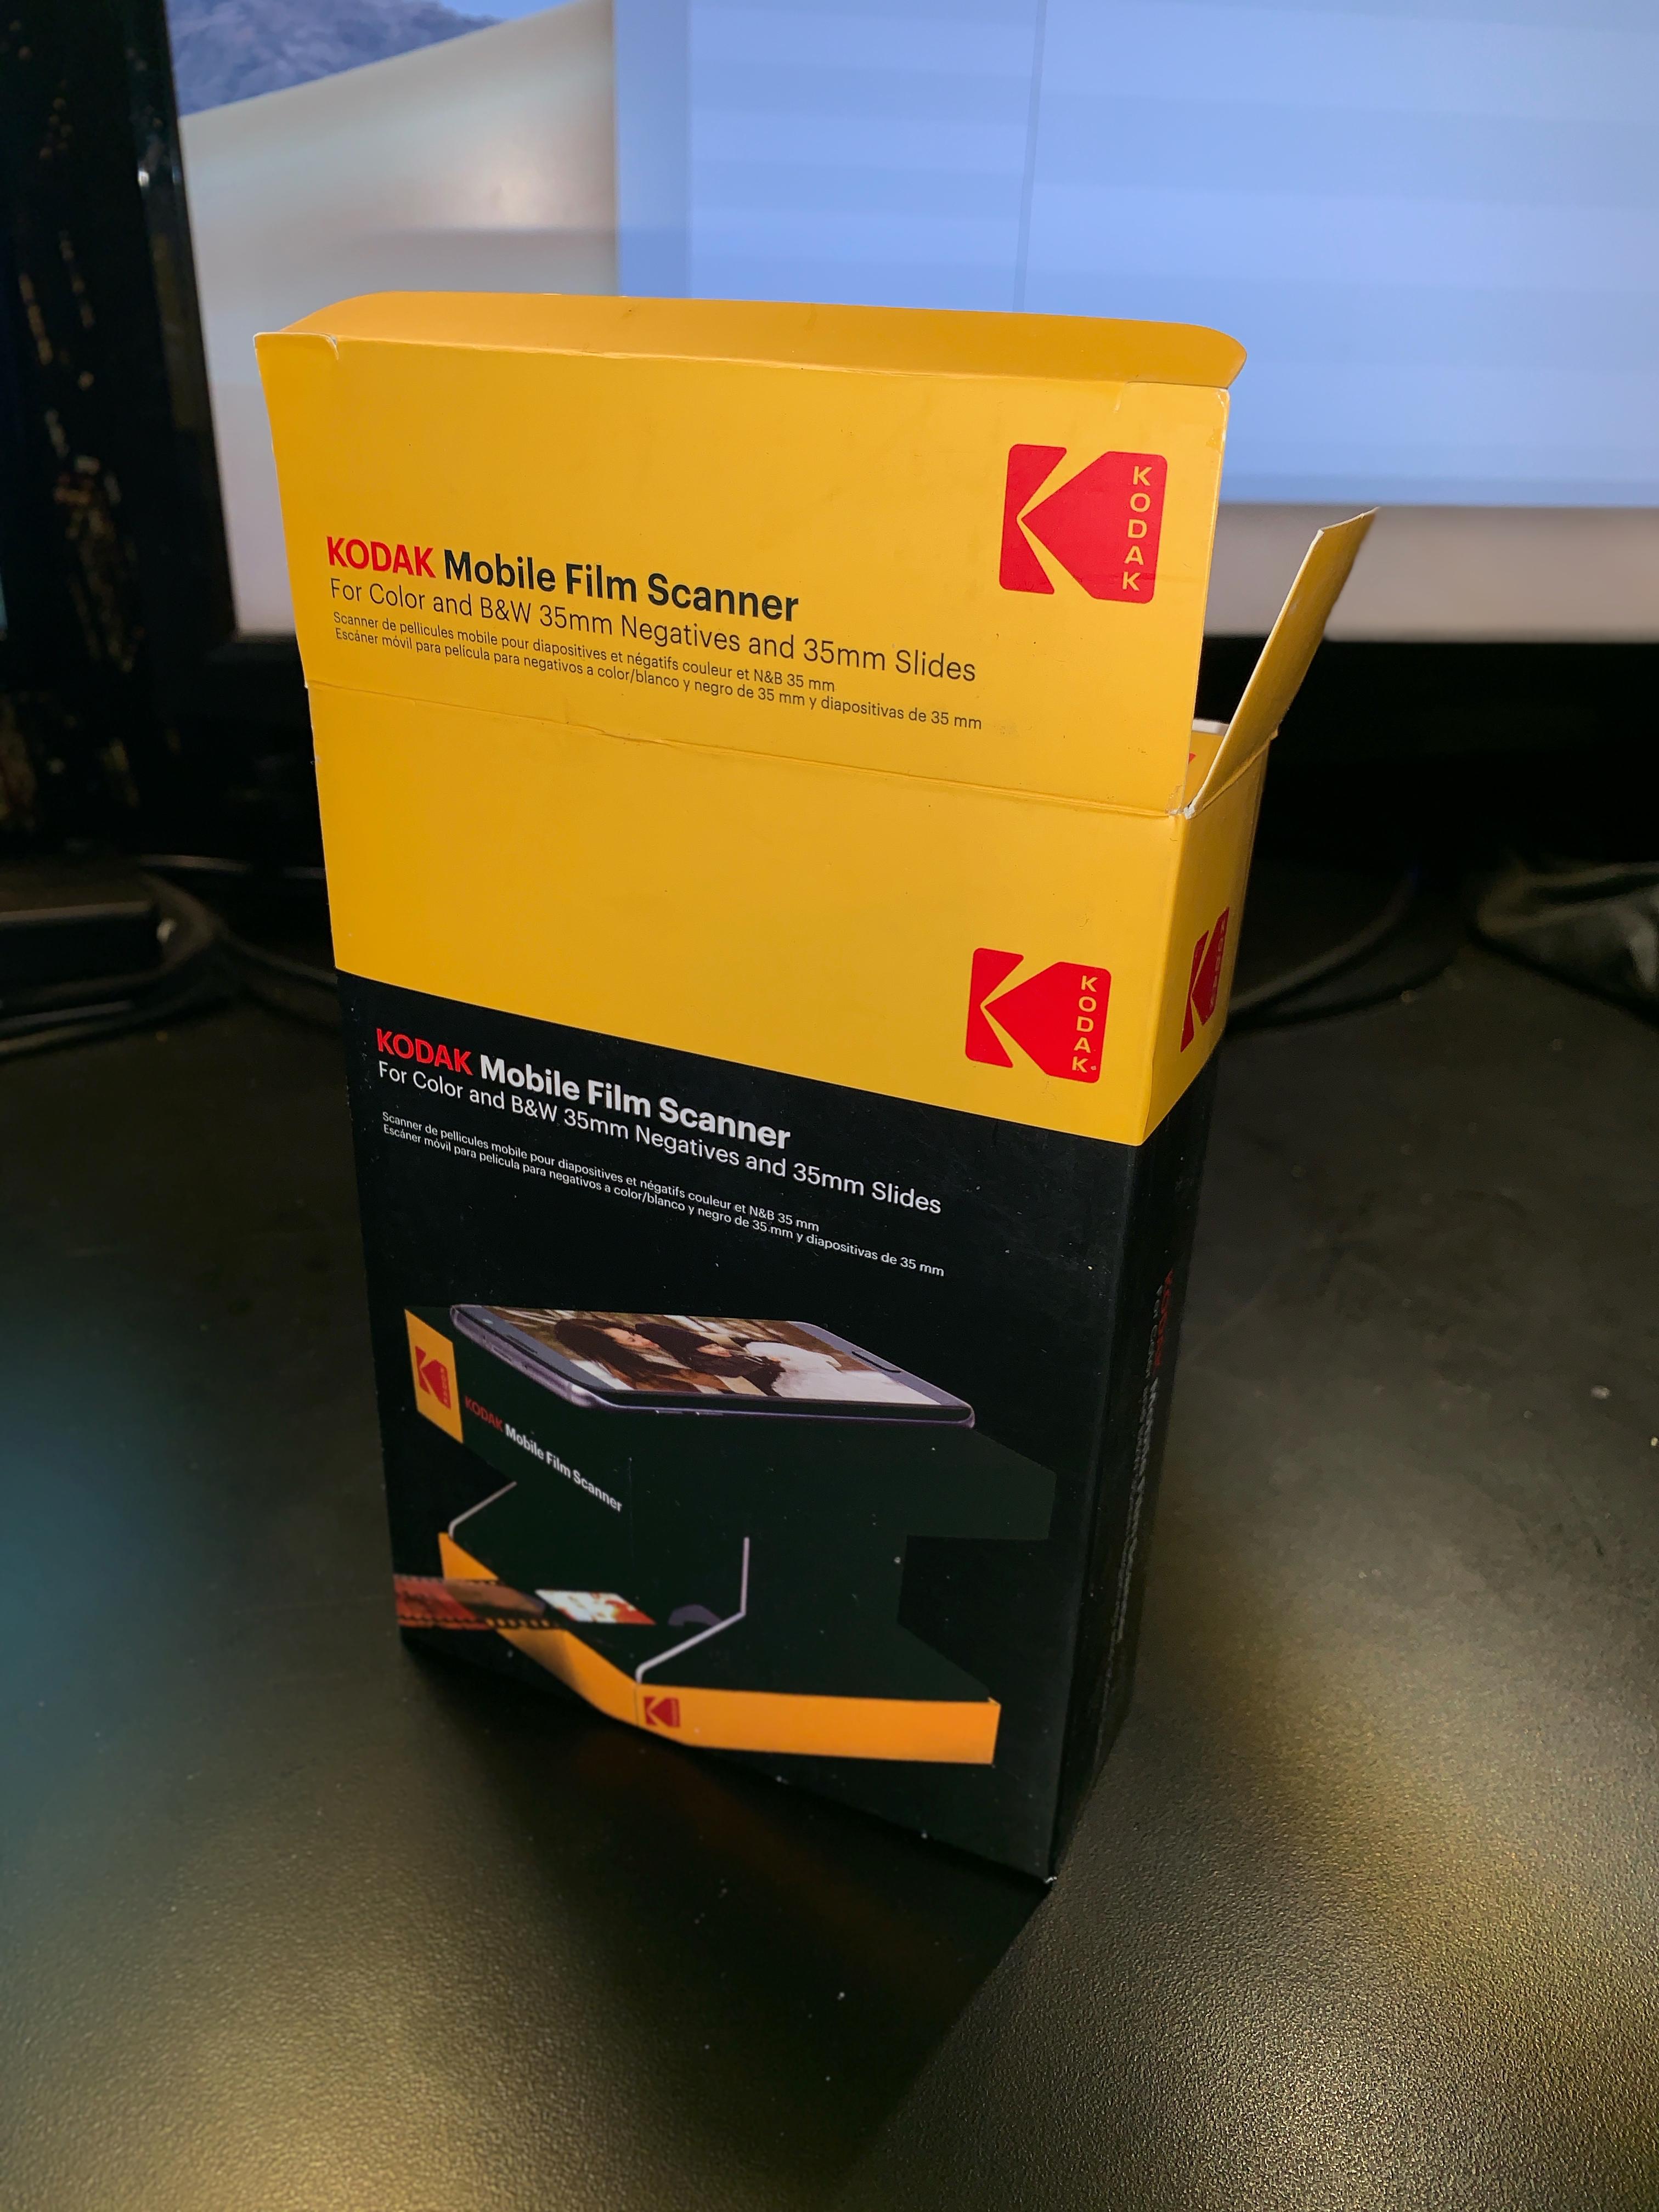 2019-07-25 Kodak Mobile Film Scanner-01 - box